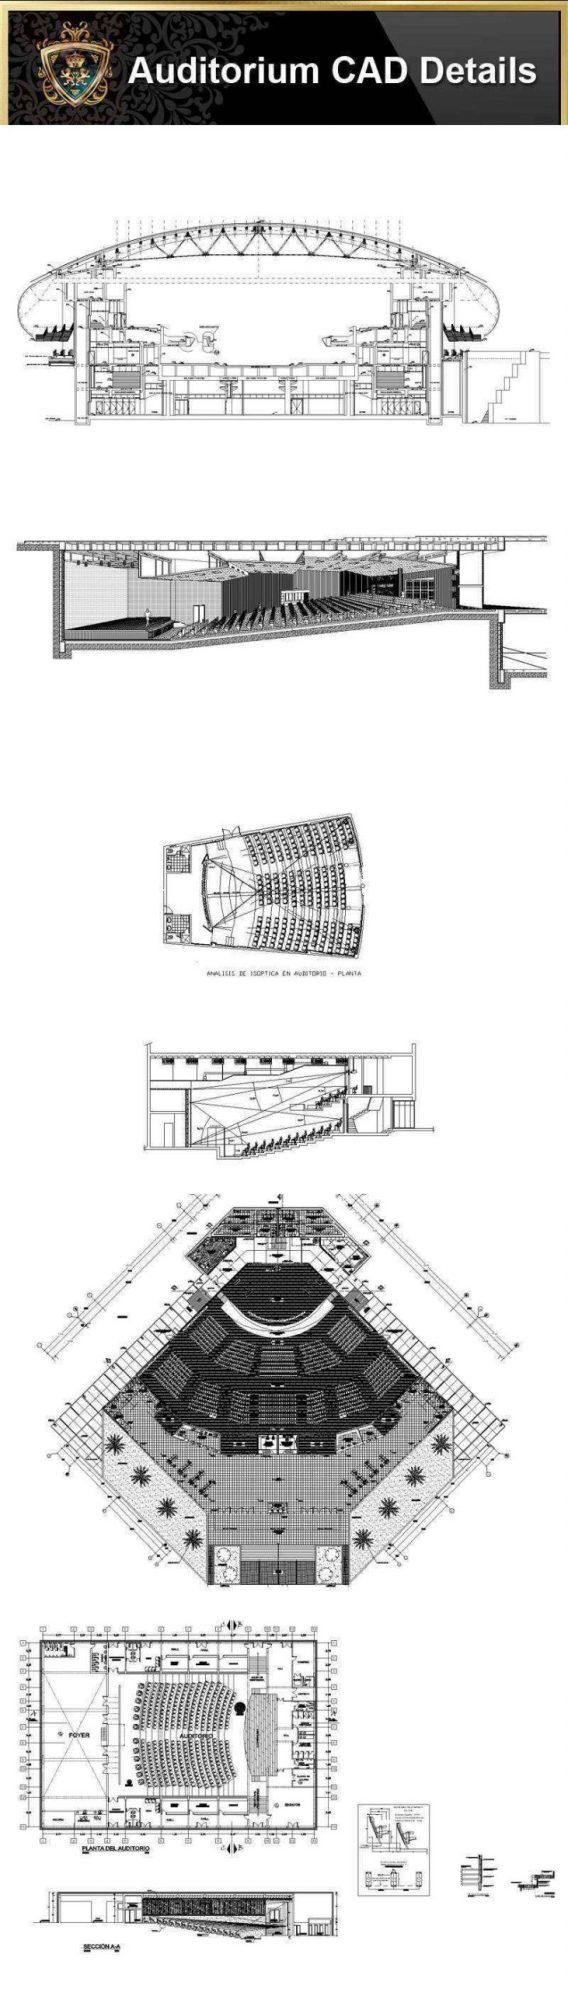 Auditorium Design,Autocad Blocks,AuditoriumDetails,Auditorium Section,Auditorium elevation design drawings